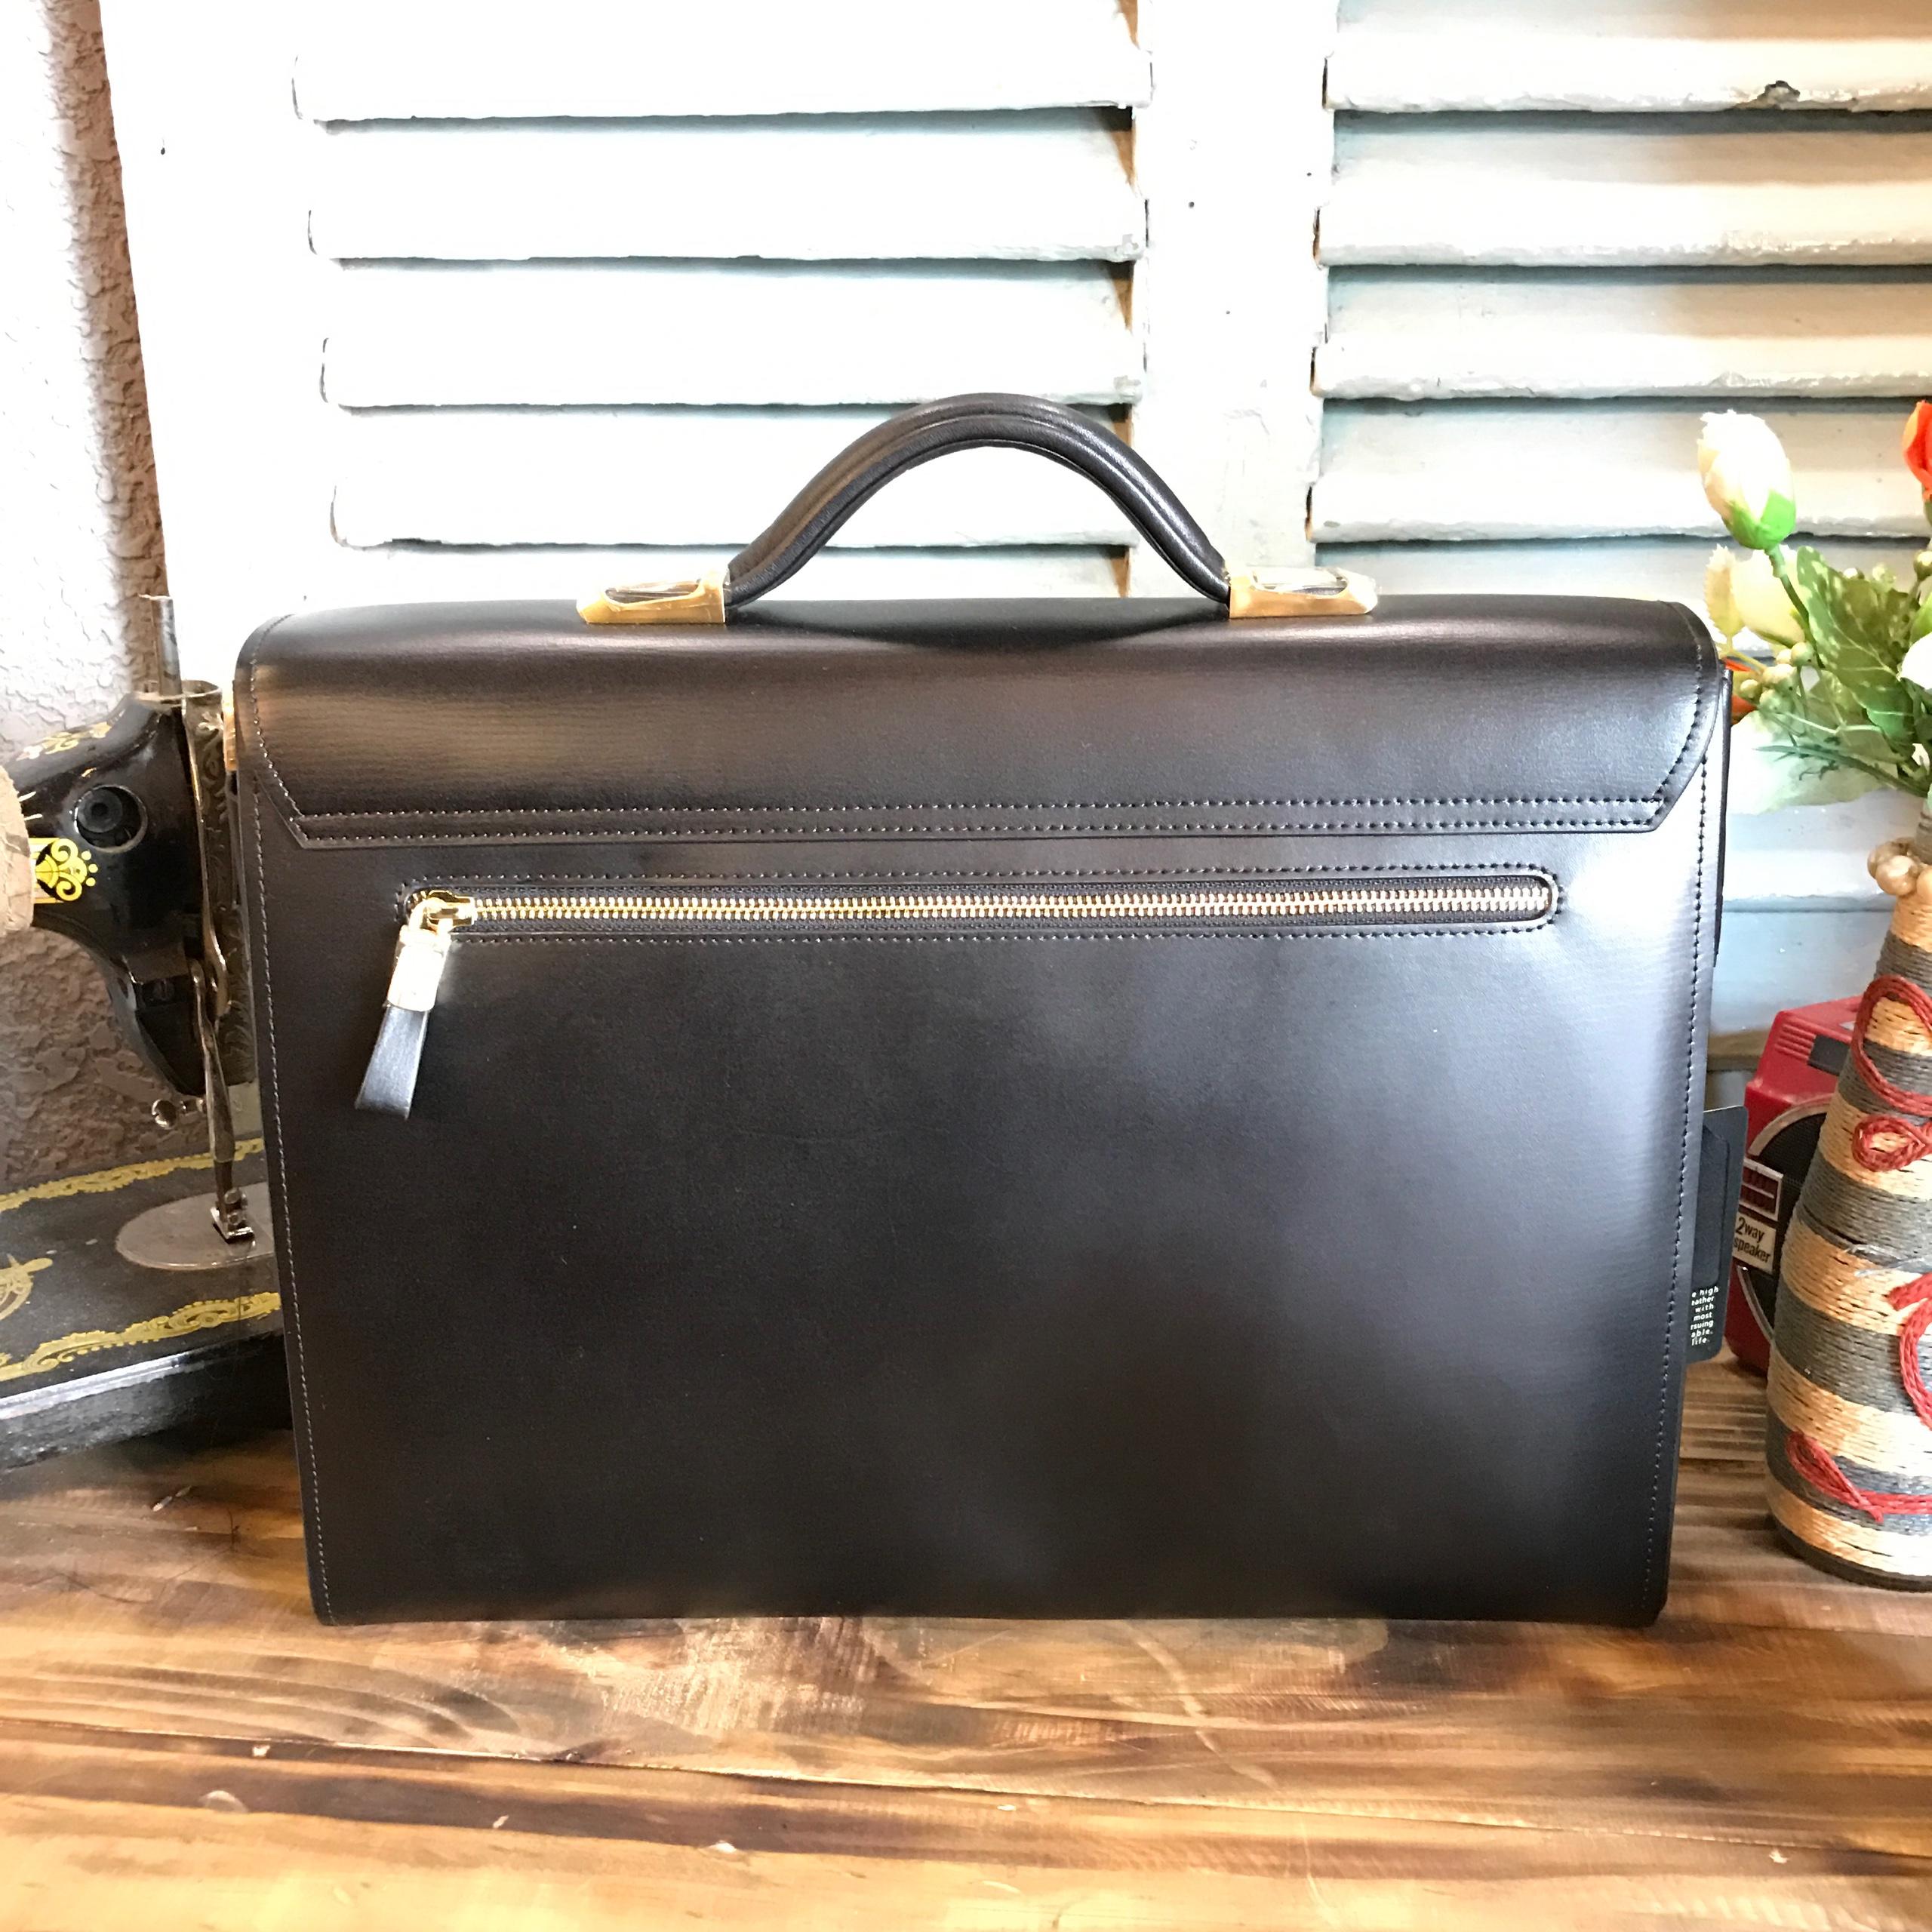 Cặp da bò Vintage 517 Chất da dày, kiểu dáng cổ điển